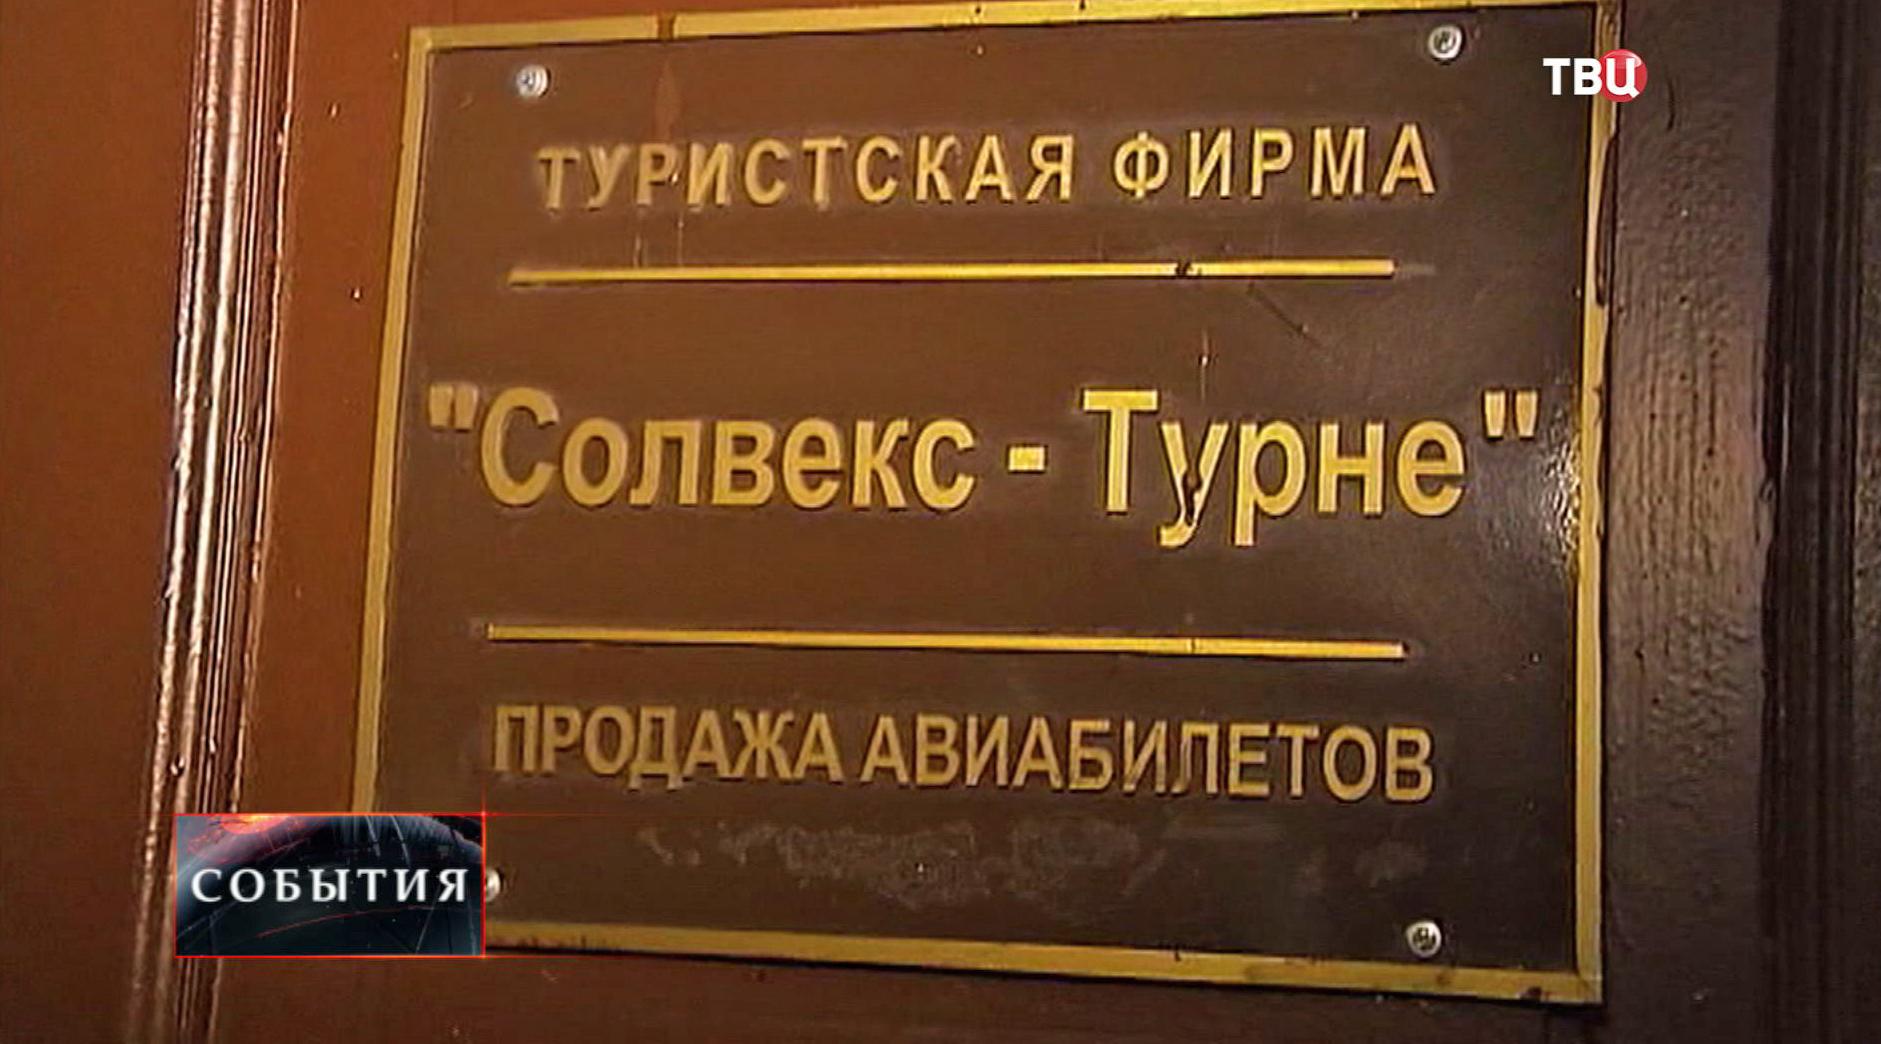 """Туристская фирма """"Солвекс-турне"""""""